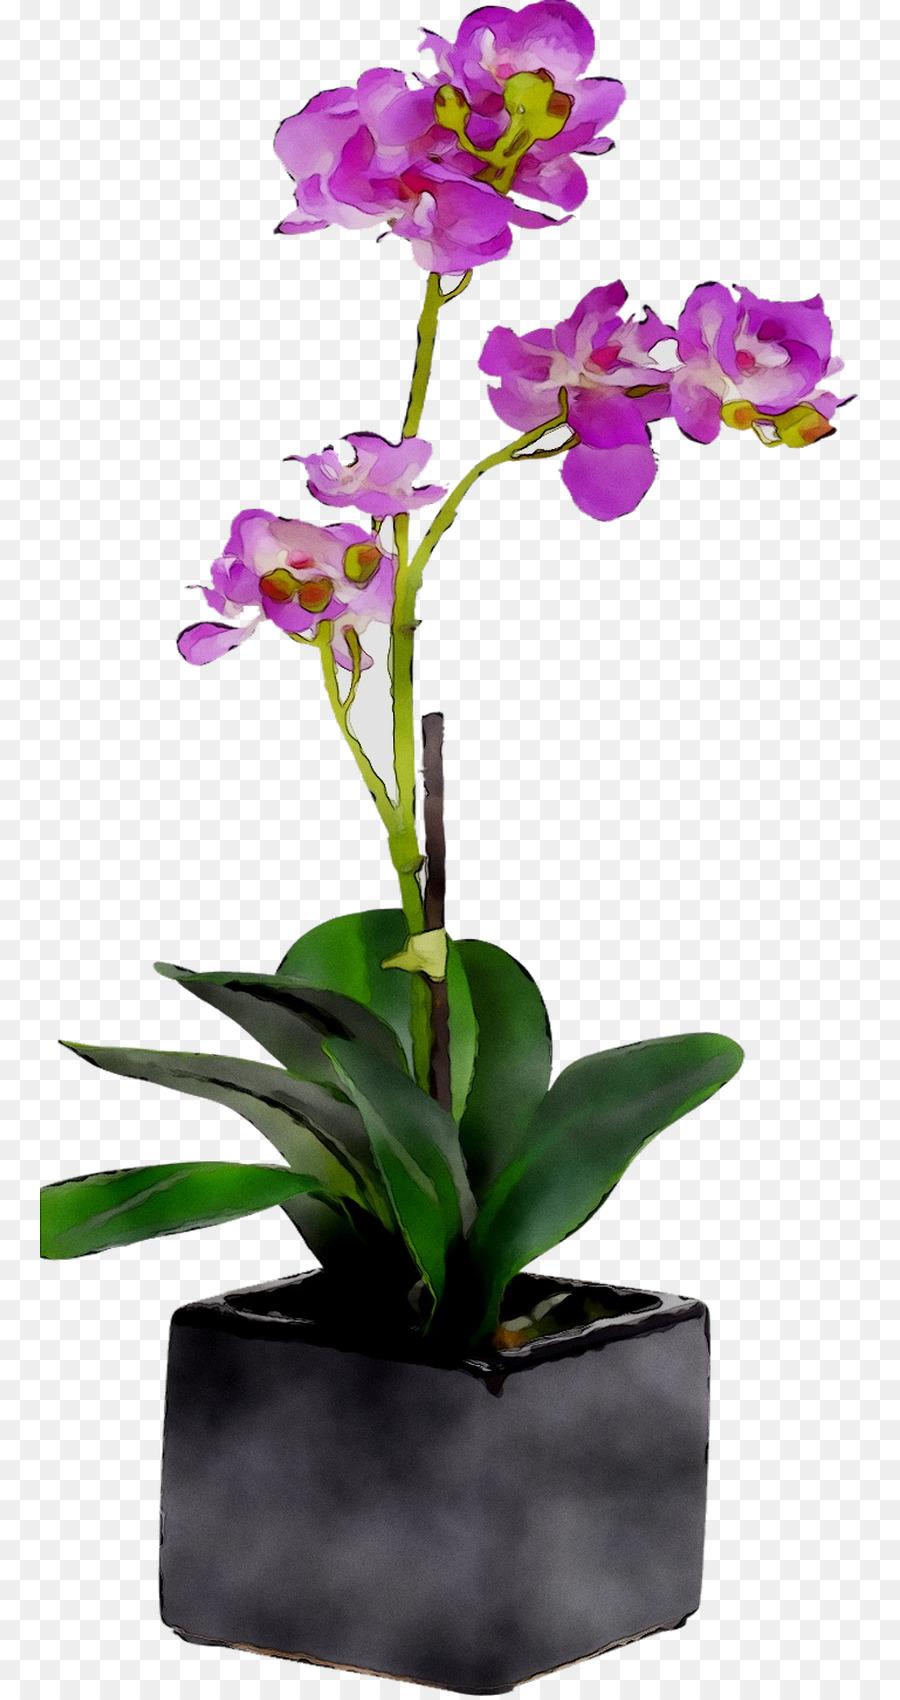 Descarga gratuita de La Polilla De Las Orquídeas, Diseño Floral, Flor imágenes PNG